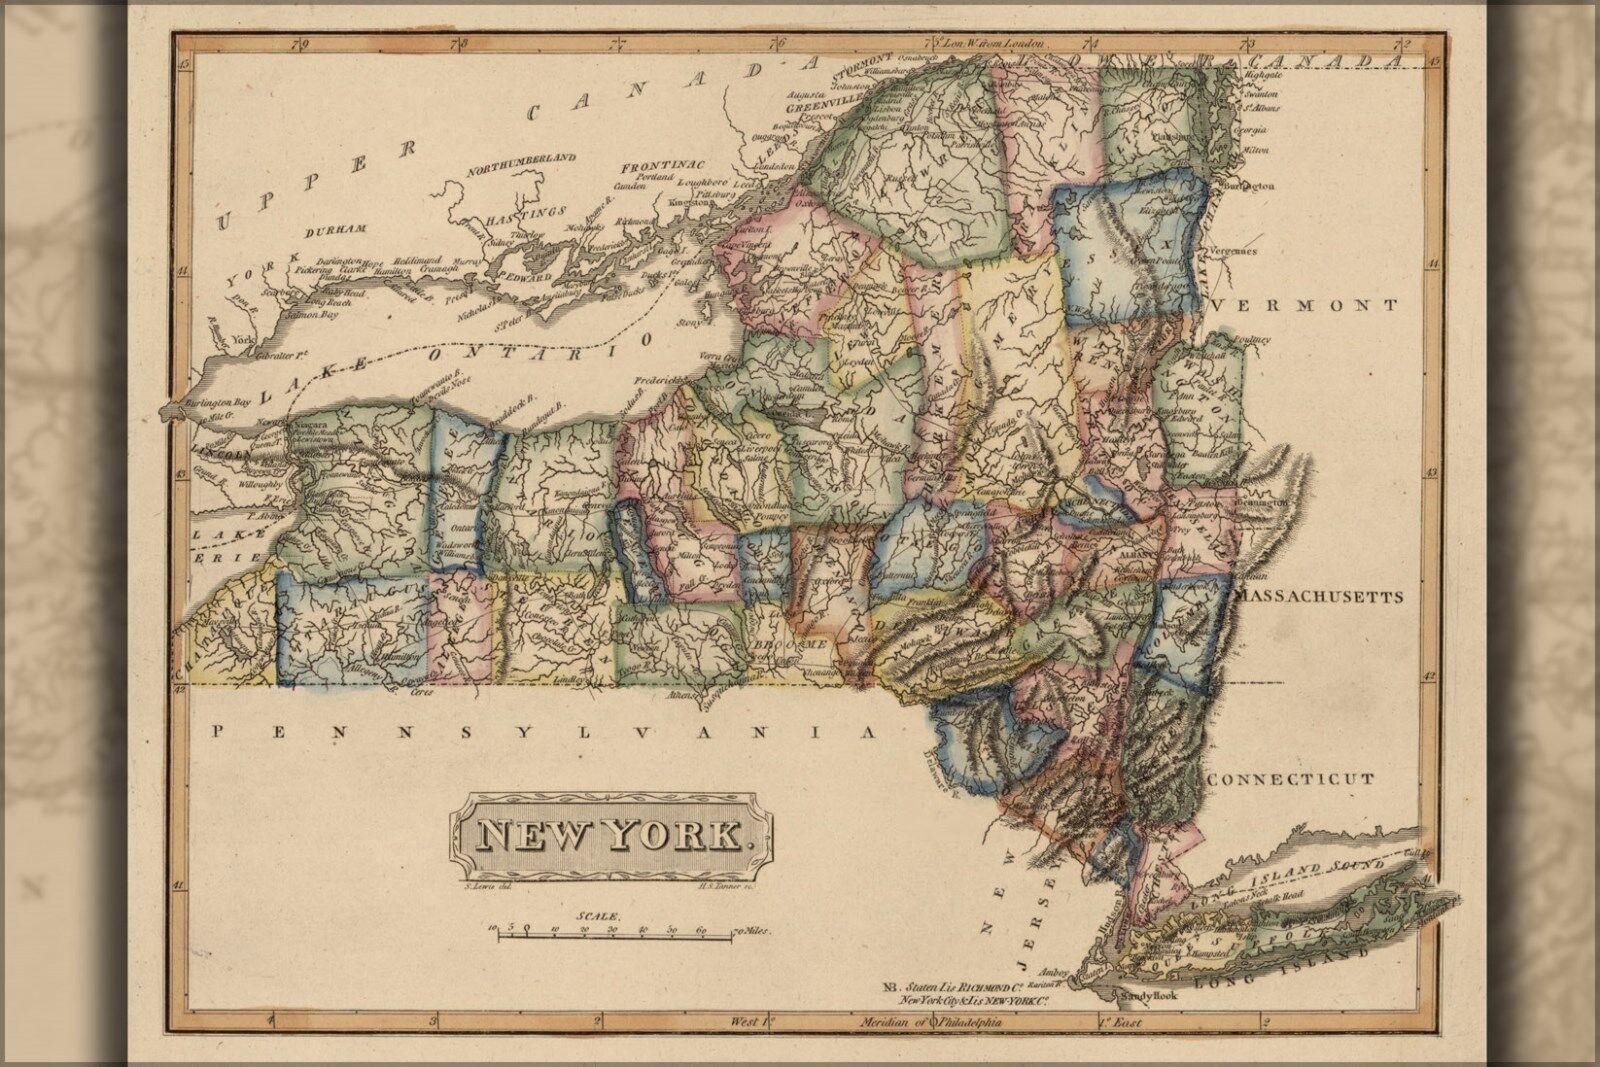 Plakat, Viele Größen; Karte von New York Stateroom